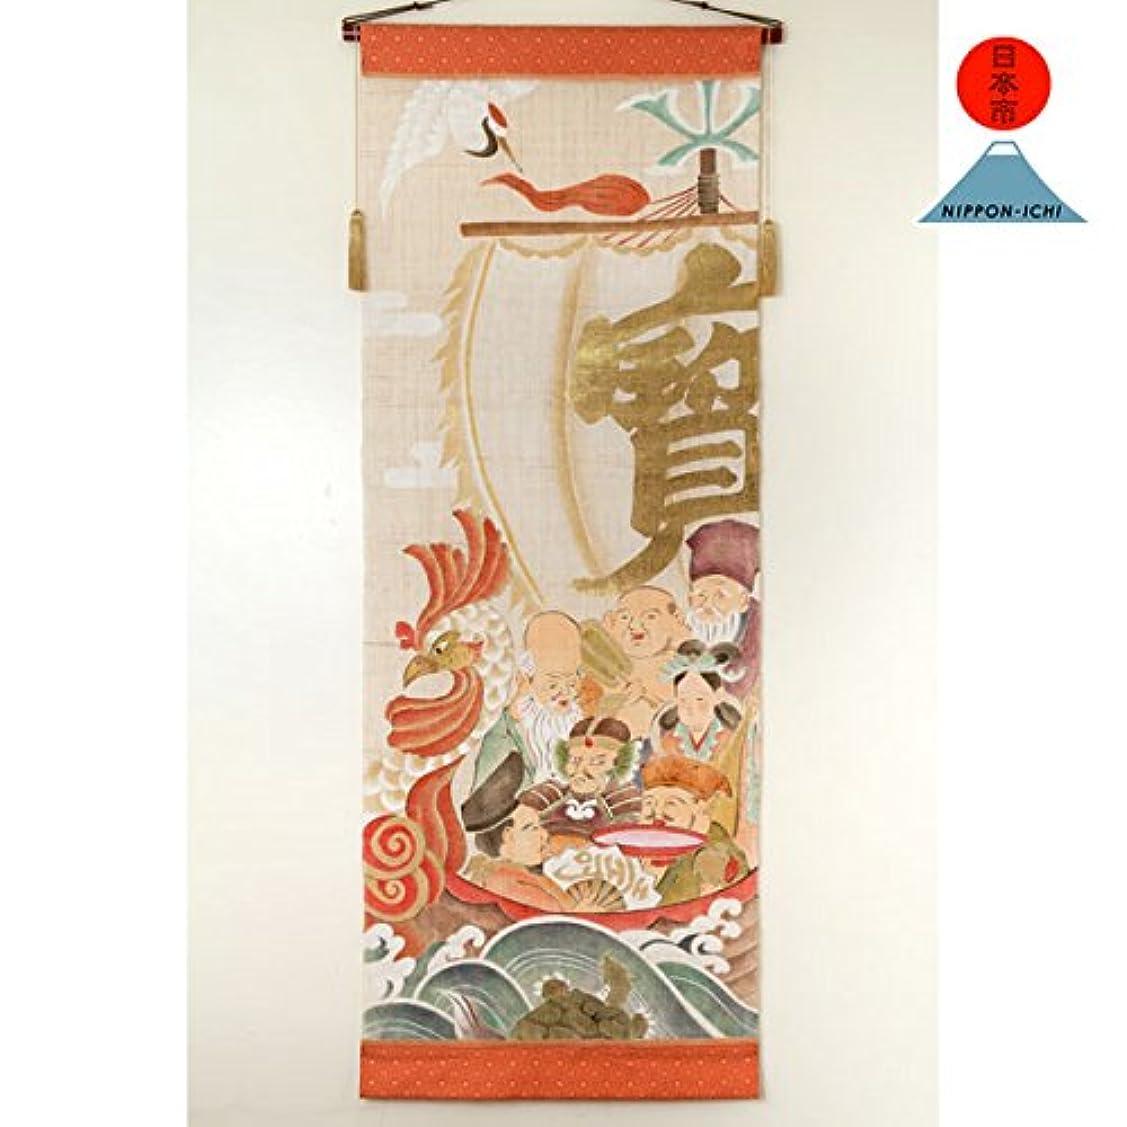 船尾シェトランド諸島シェル吉祥宝船七福神タペストリー日本市60×165cm